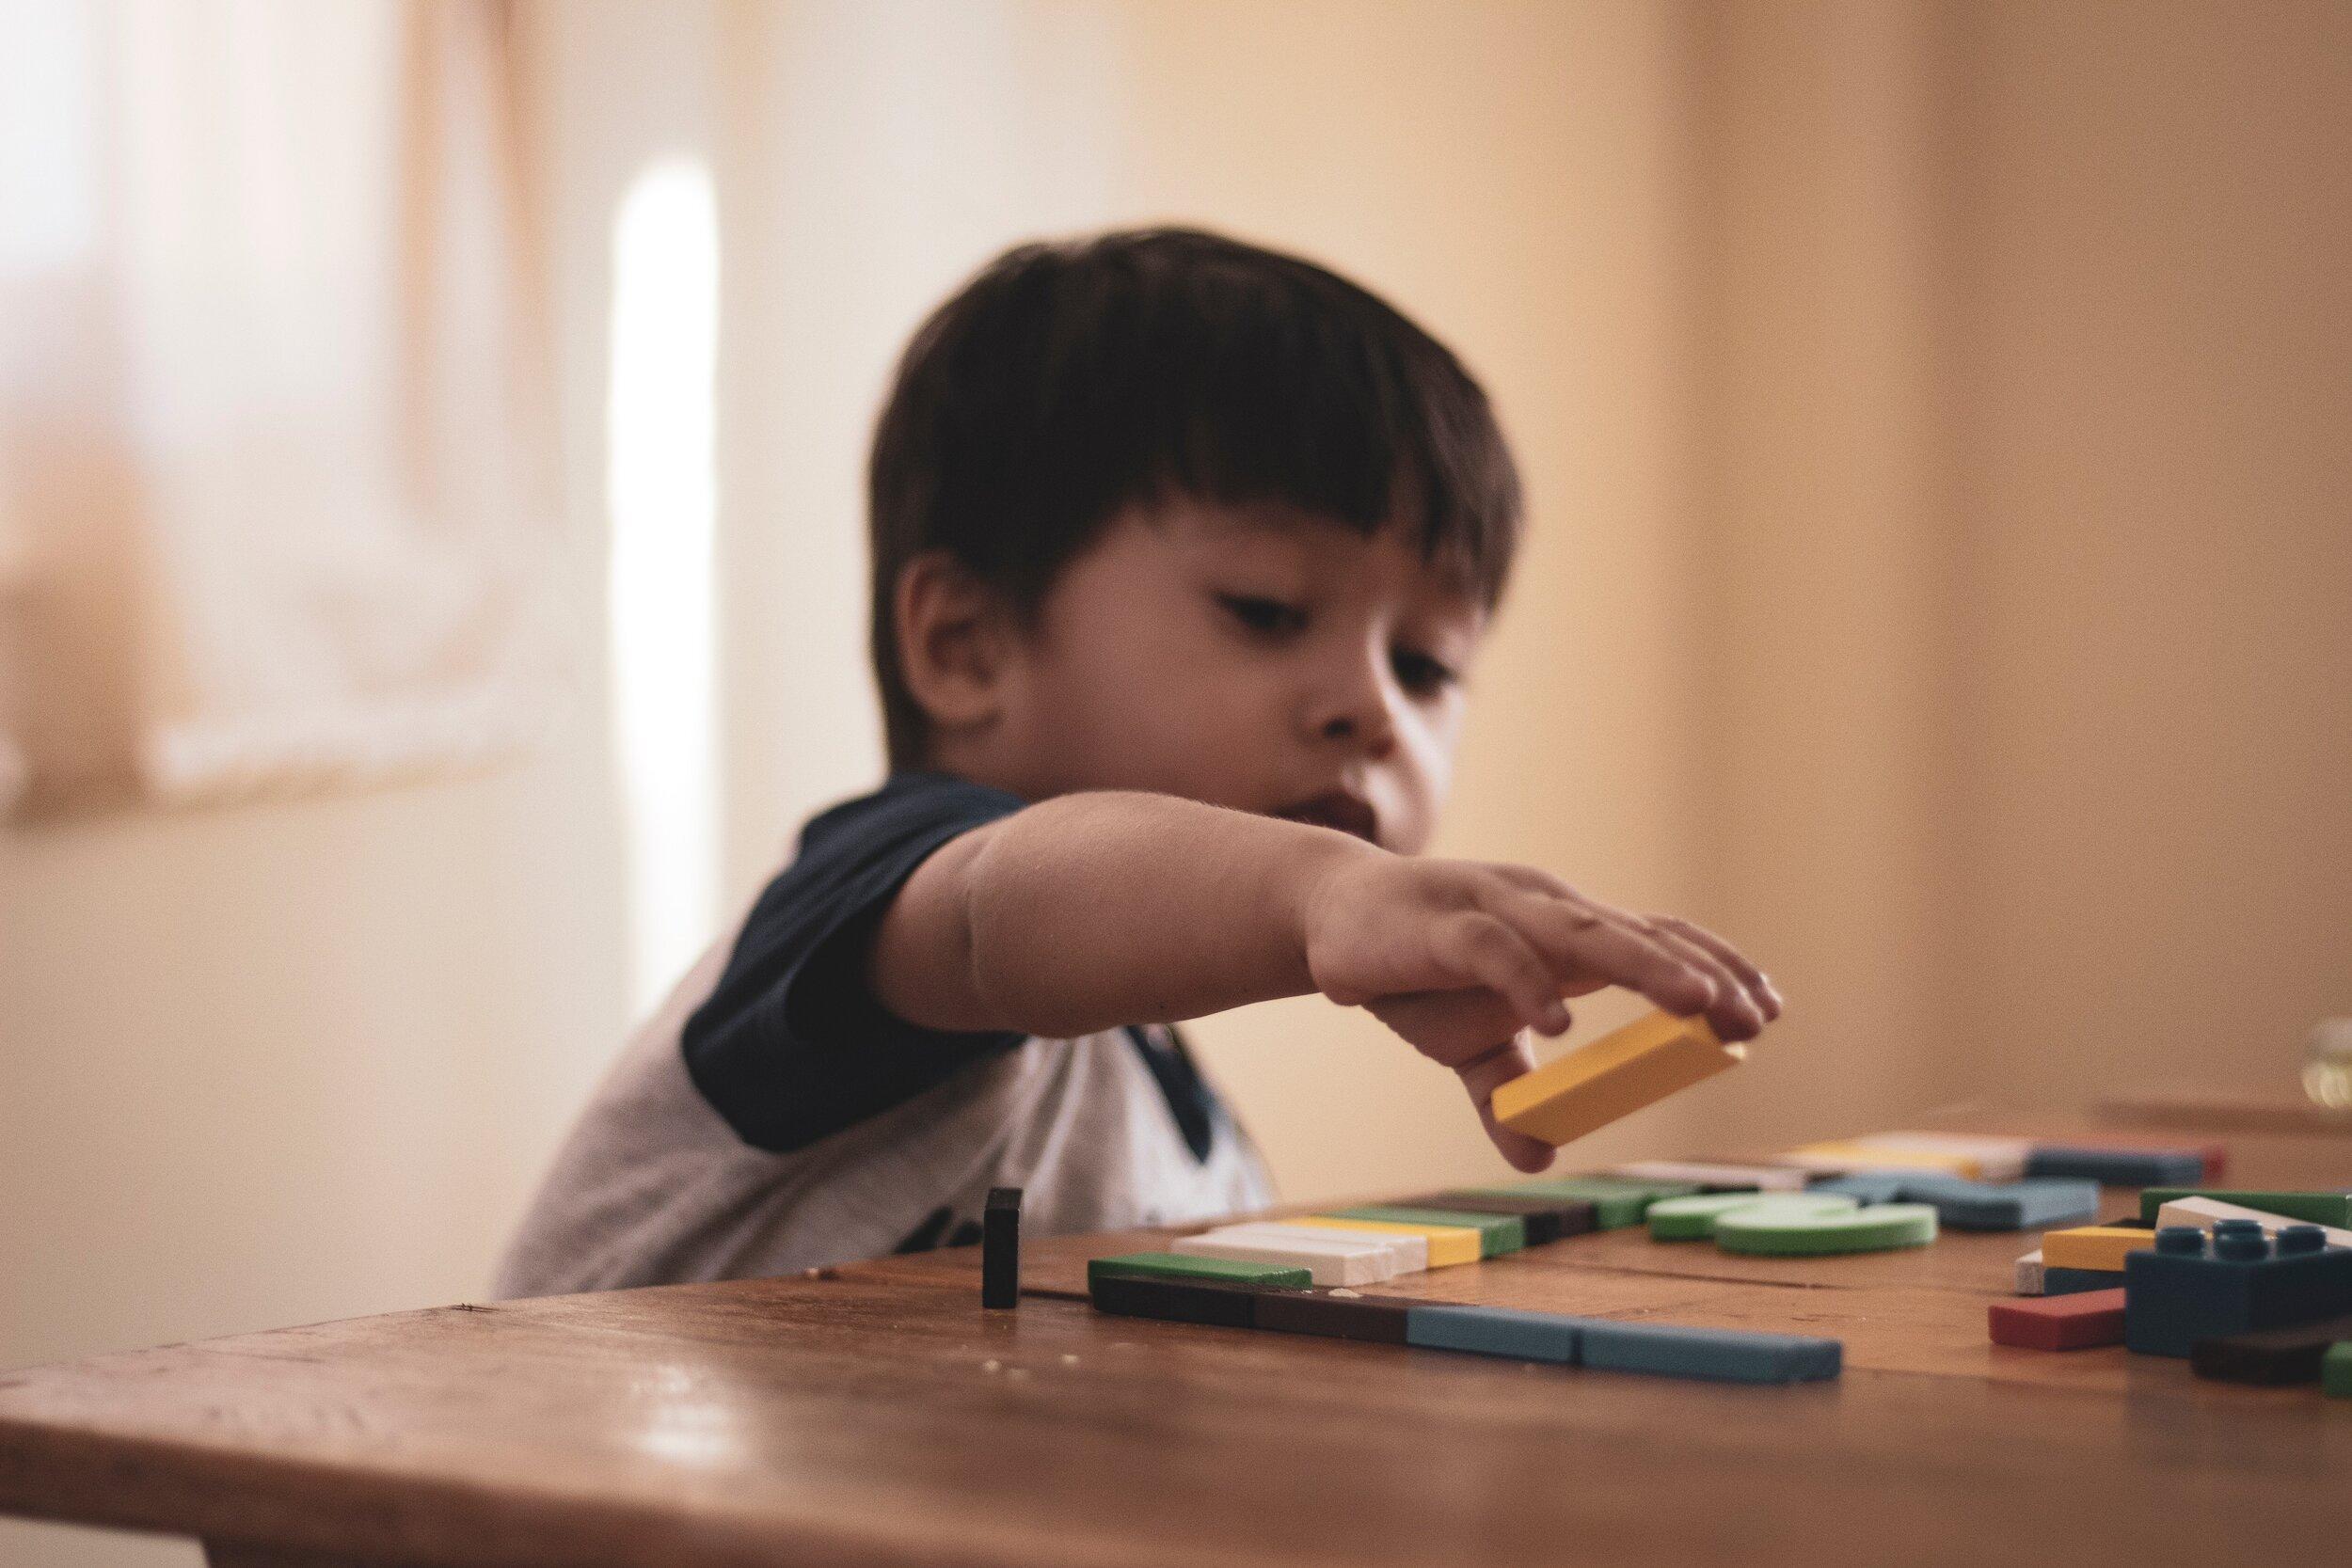 blur-boy-child-1598122.jpg